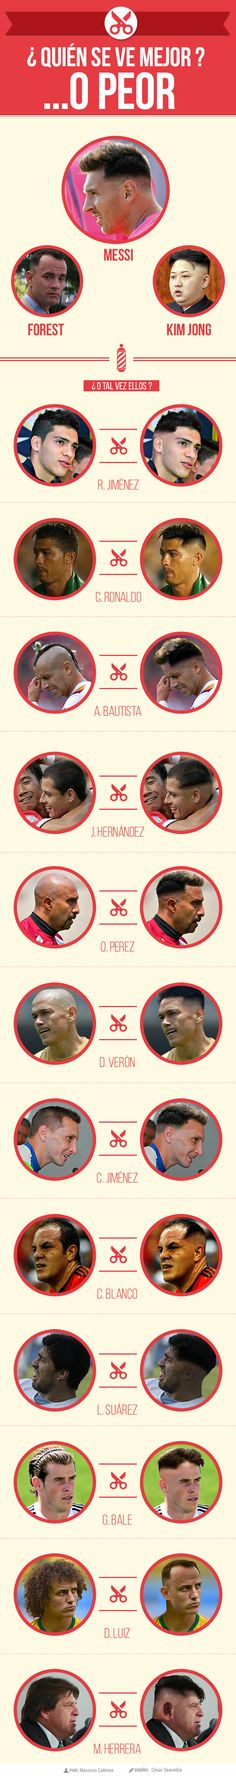 ¿Y si todos fuéramos Messi?